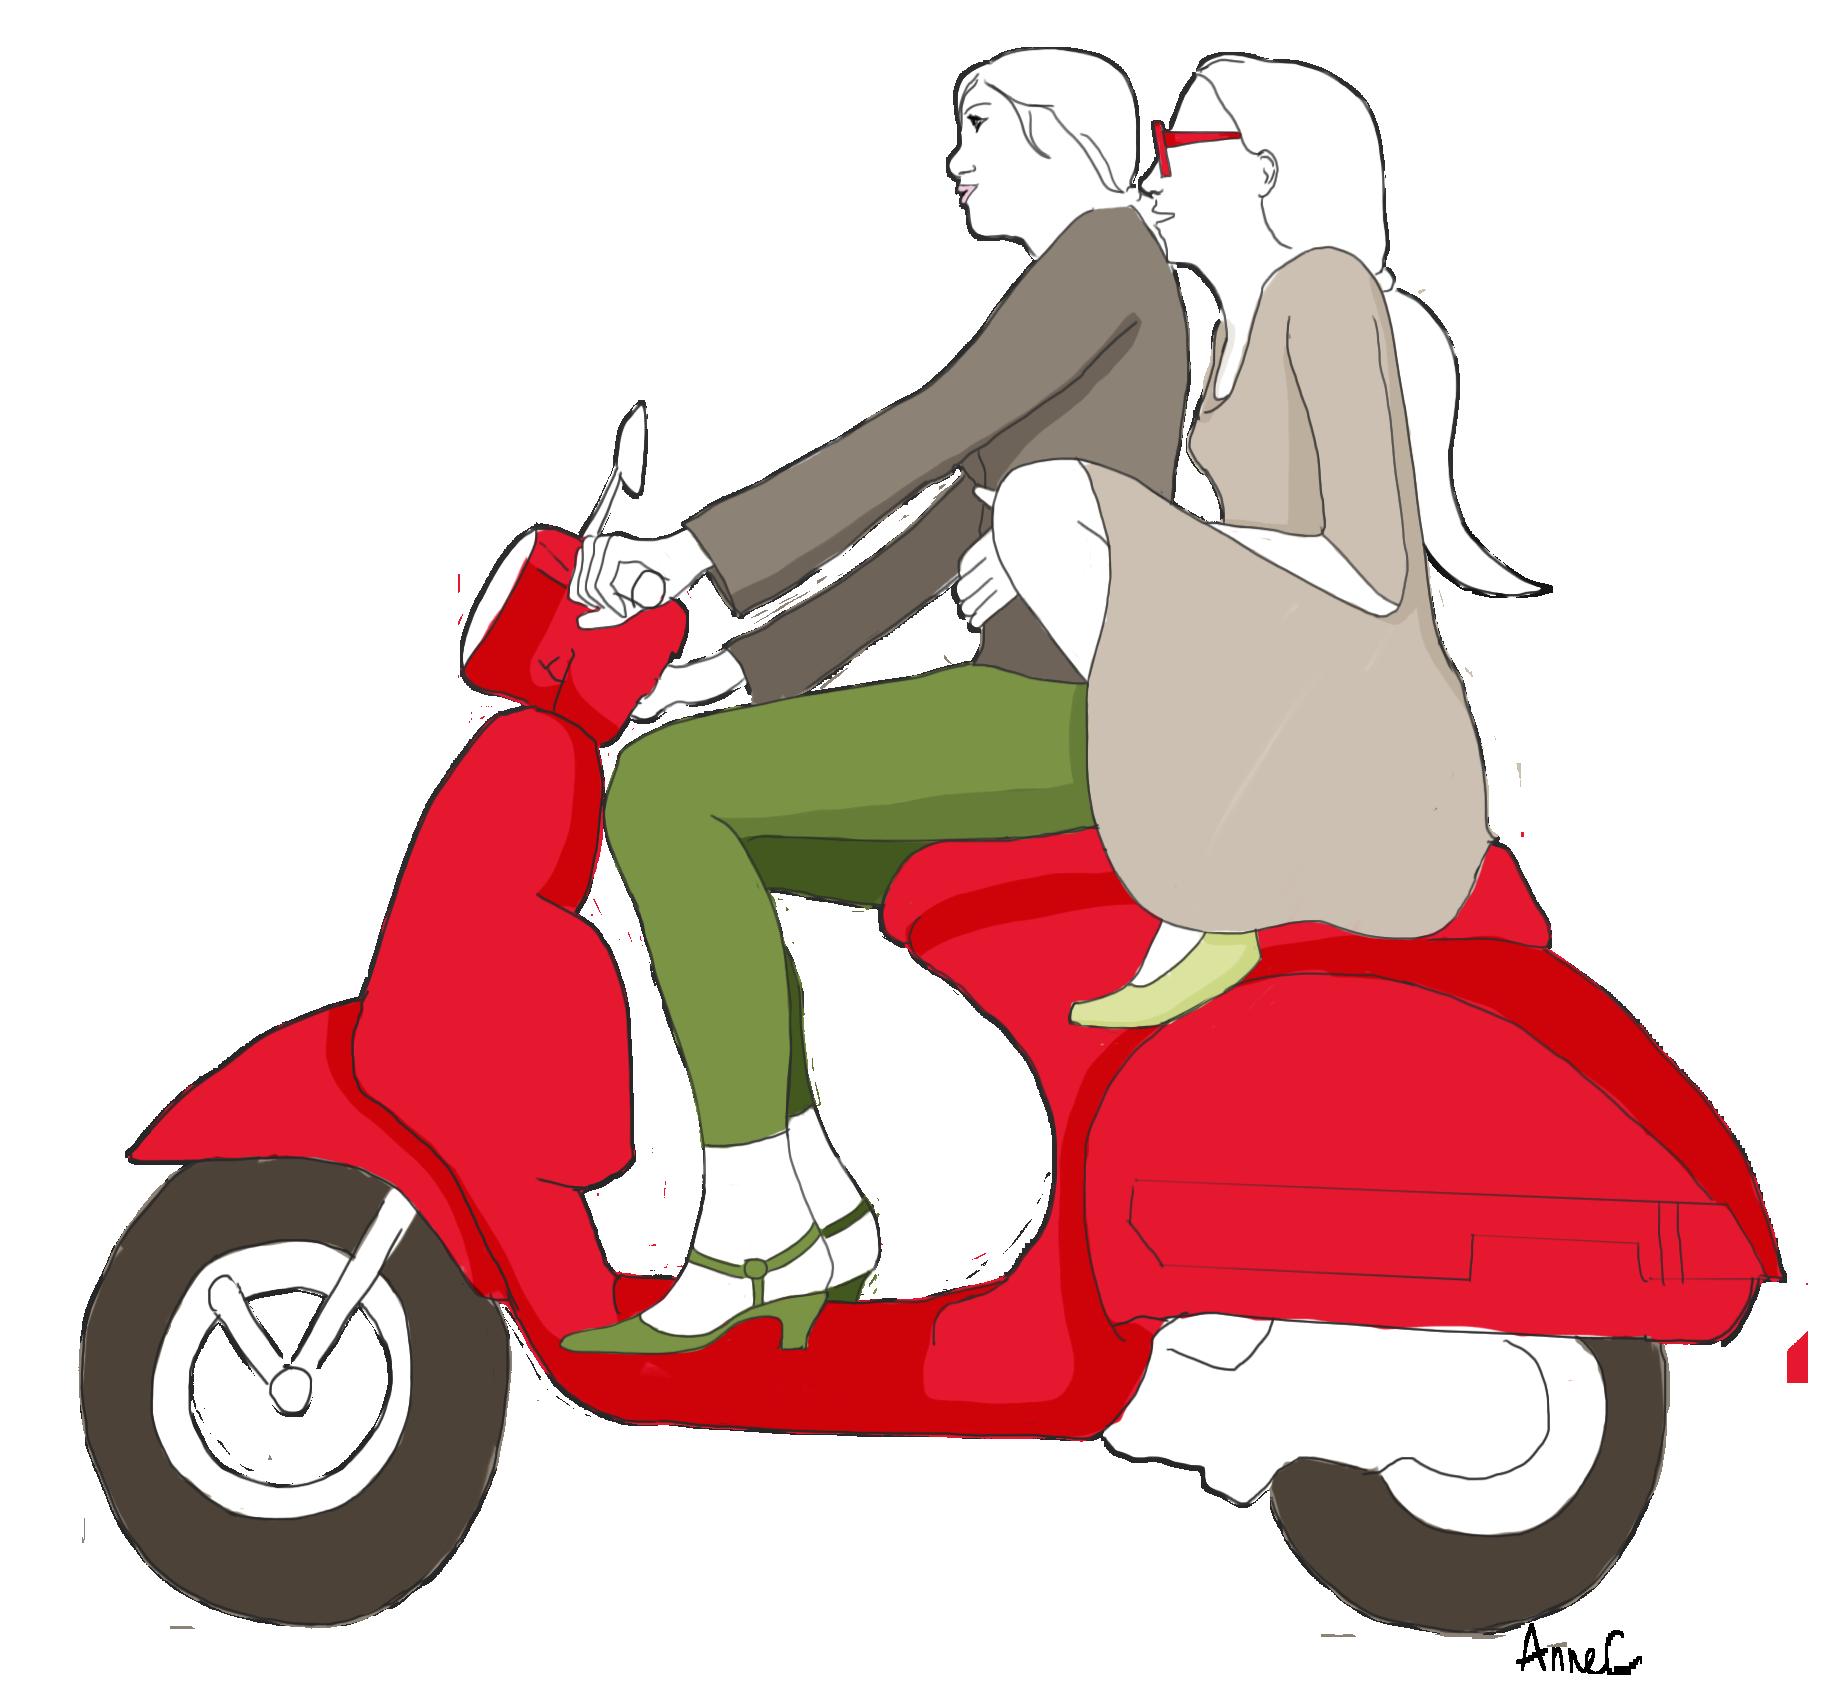 AutoMotoCompare, assurance auto, assurance moto, économie, comparateur assurance, Anne-cécile Boulet